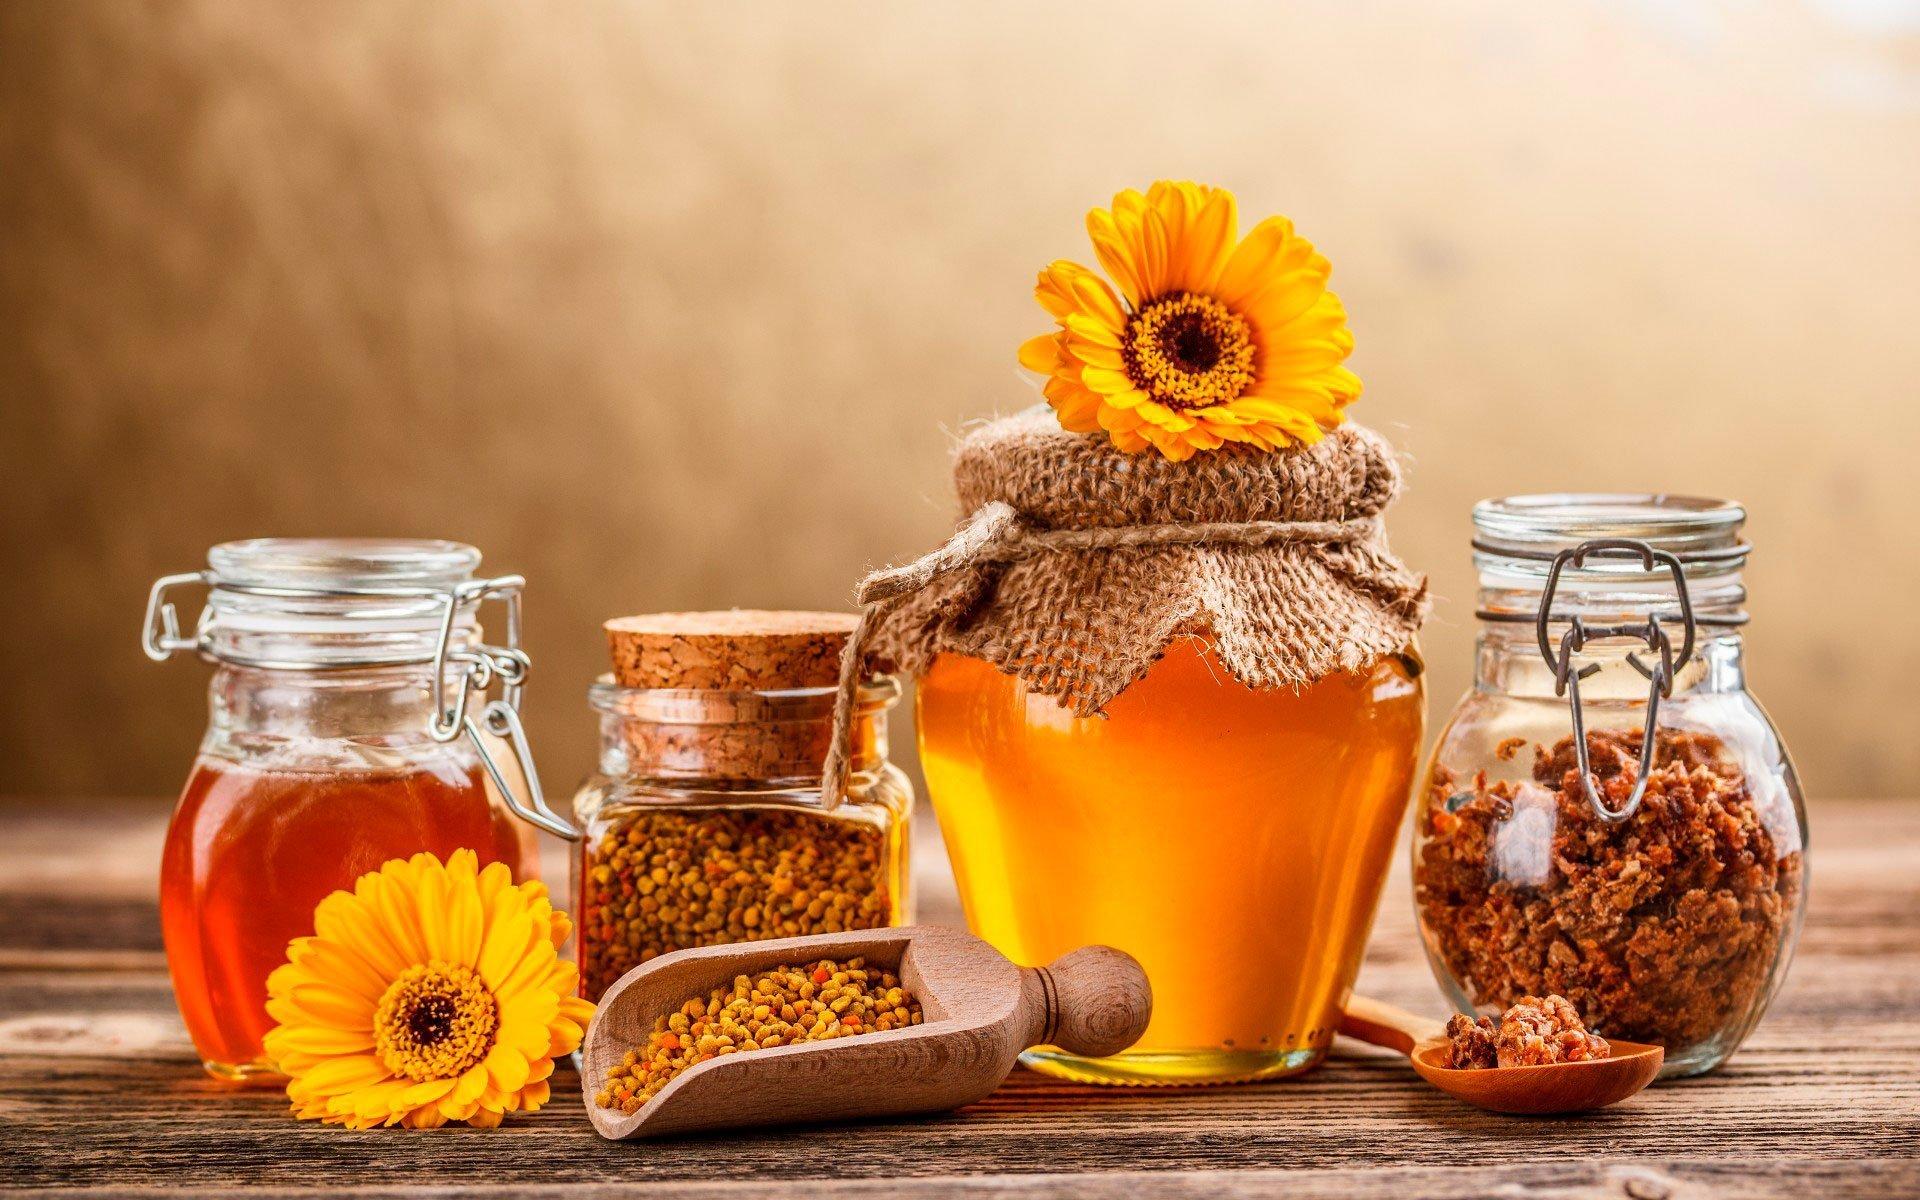 Мёд и прополис помогут восстановить потенцию